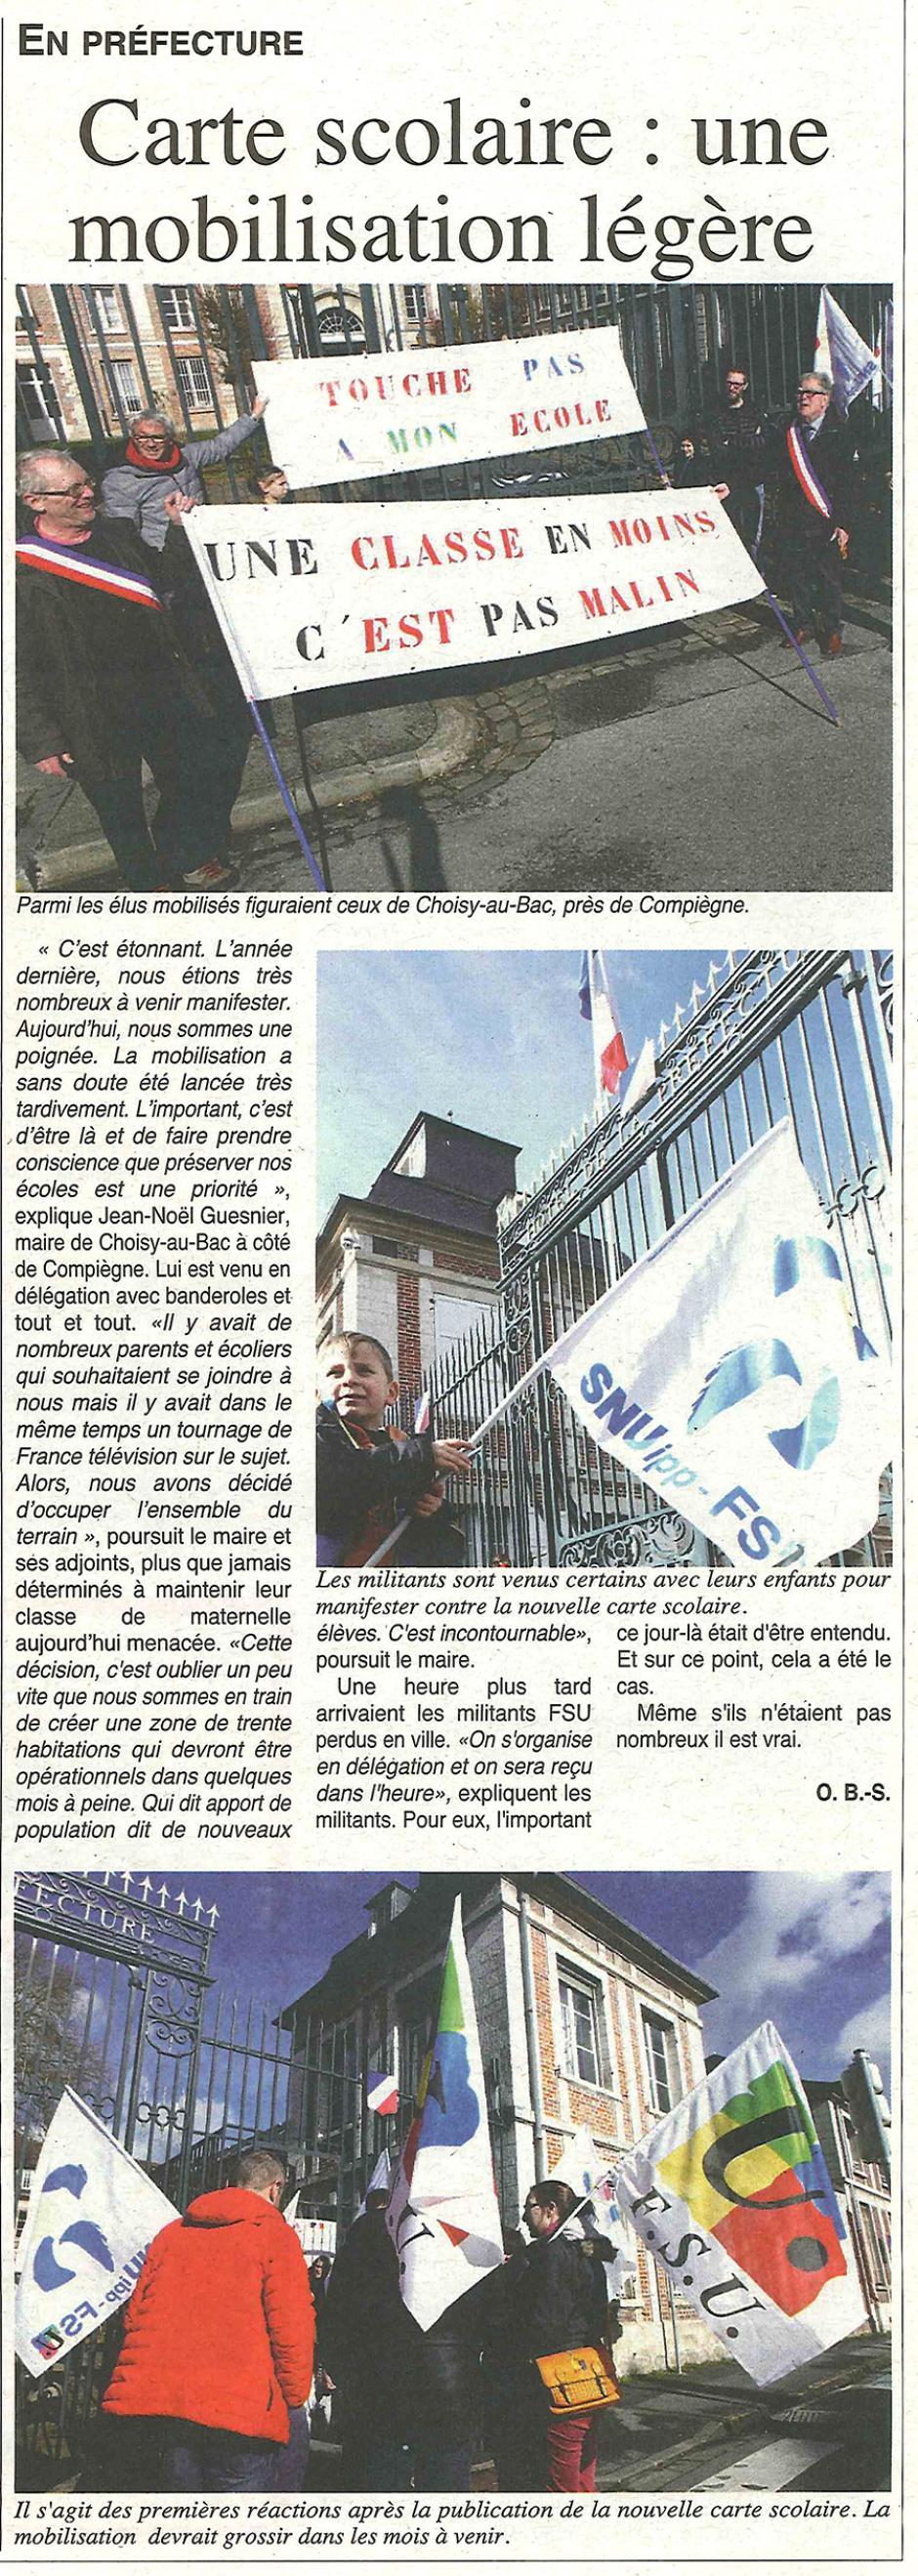 20180221-OH-Oise-Carte scolaire : une mobilisation légère